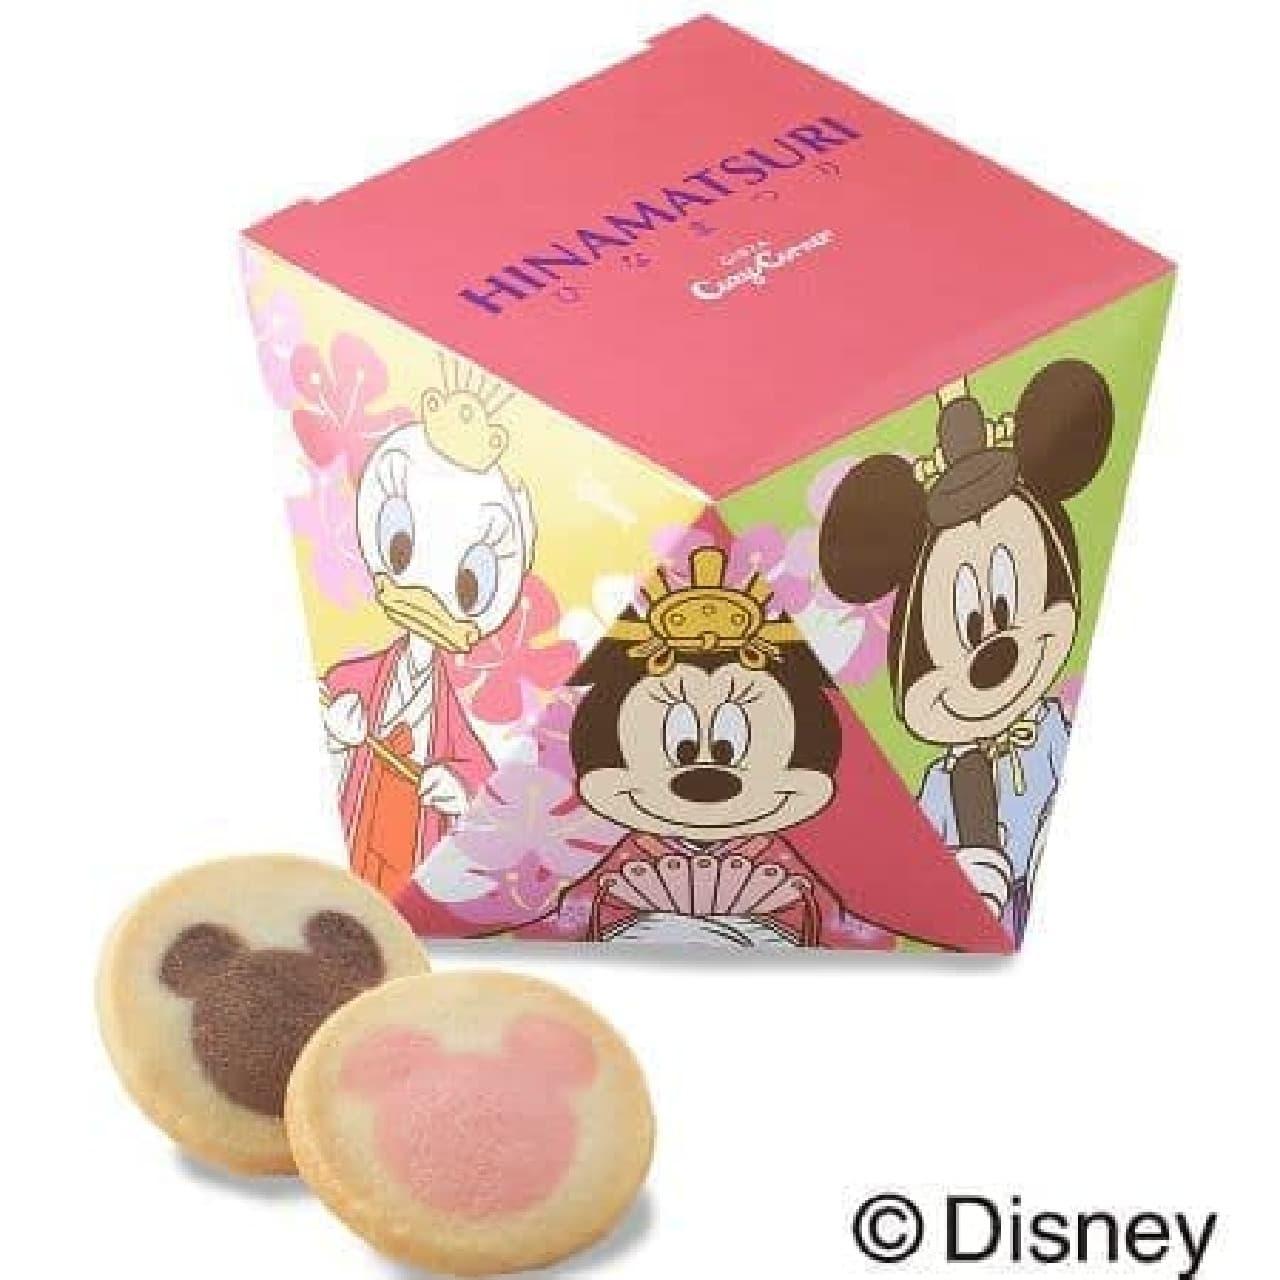 「<ディズニー>ひなクッキー」は「ミッキーマウス」のシルエット柄クッキー2種を詰め合わせた、ひなまつり限定ディズニー・デザインBOX